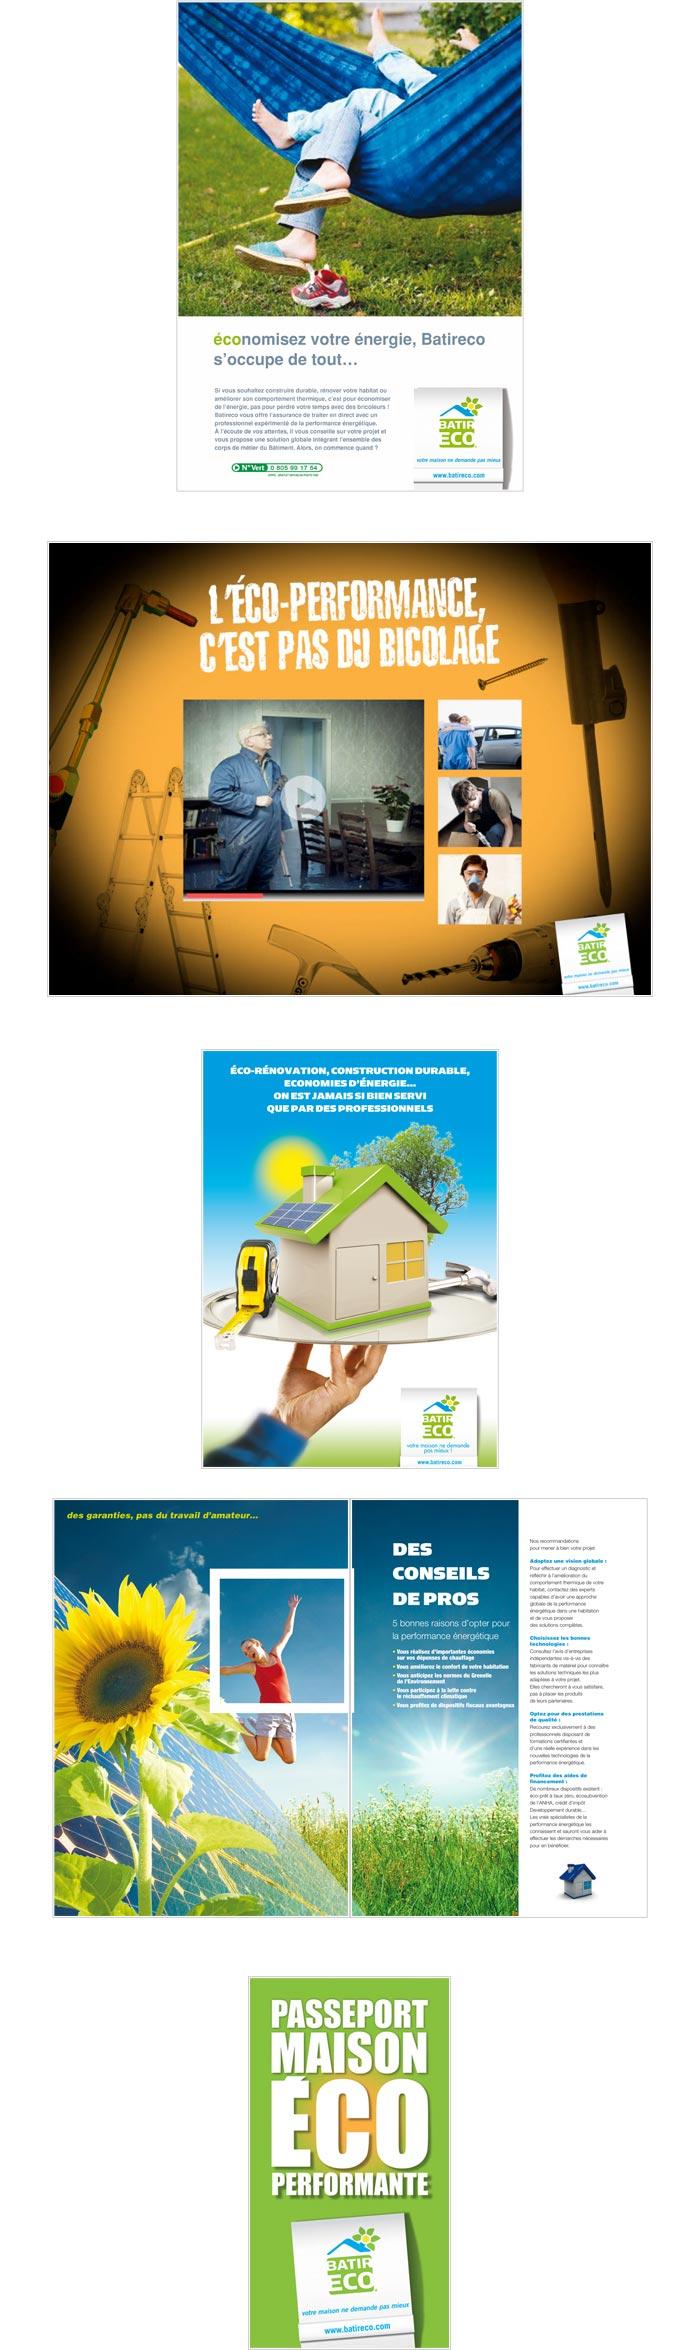 Annonces presse, plaquette commerciale et dispositif web pour particuliers